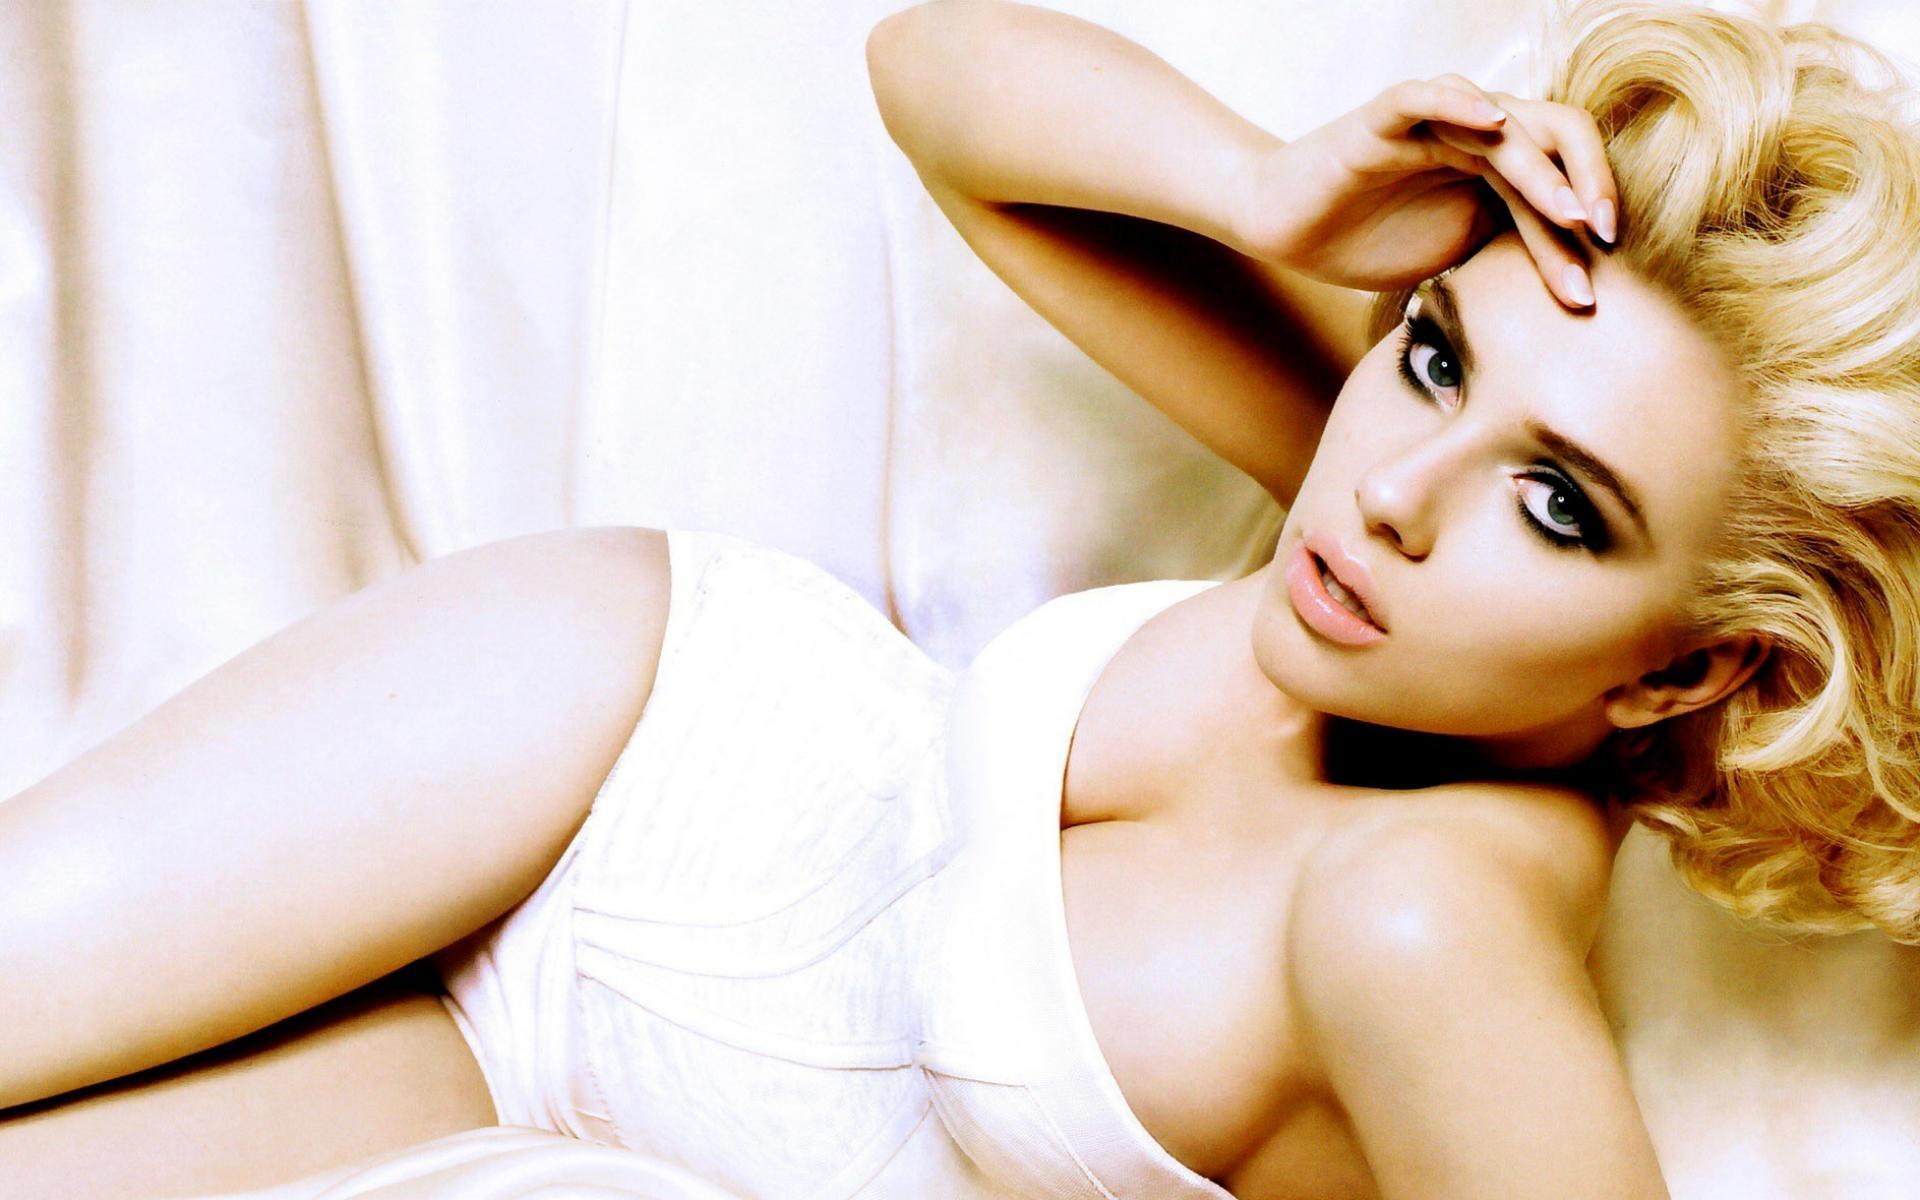 Самая сексуальная девочка лет 19 16 фотография